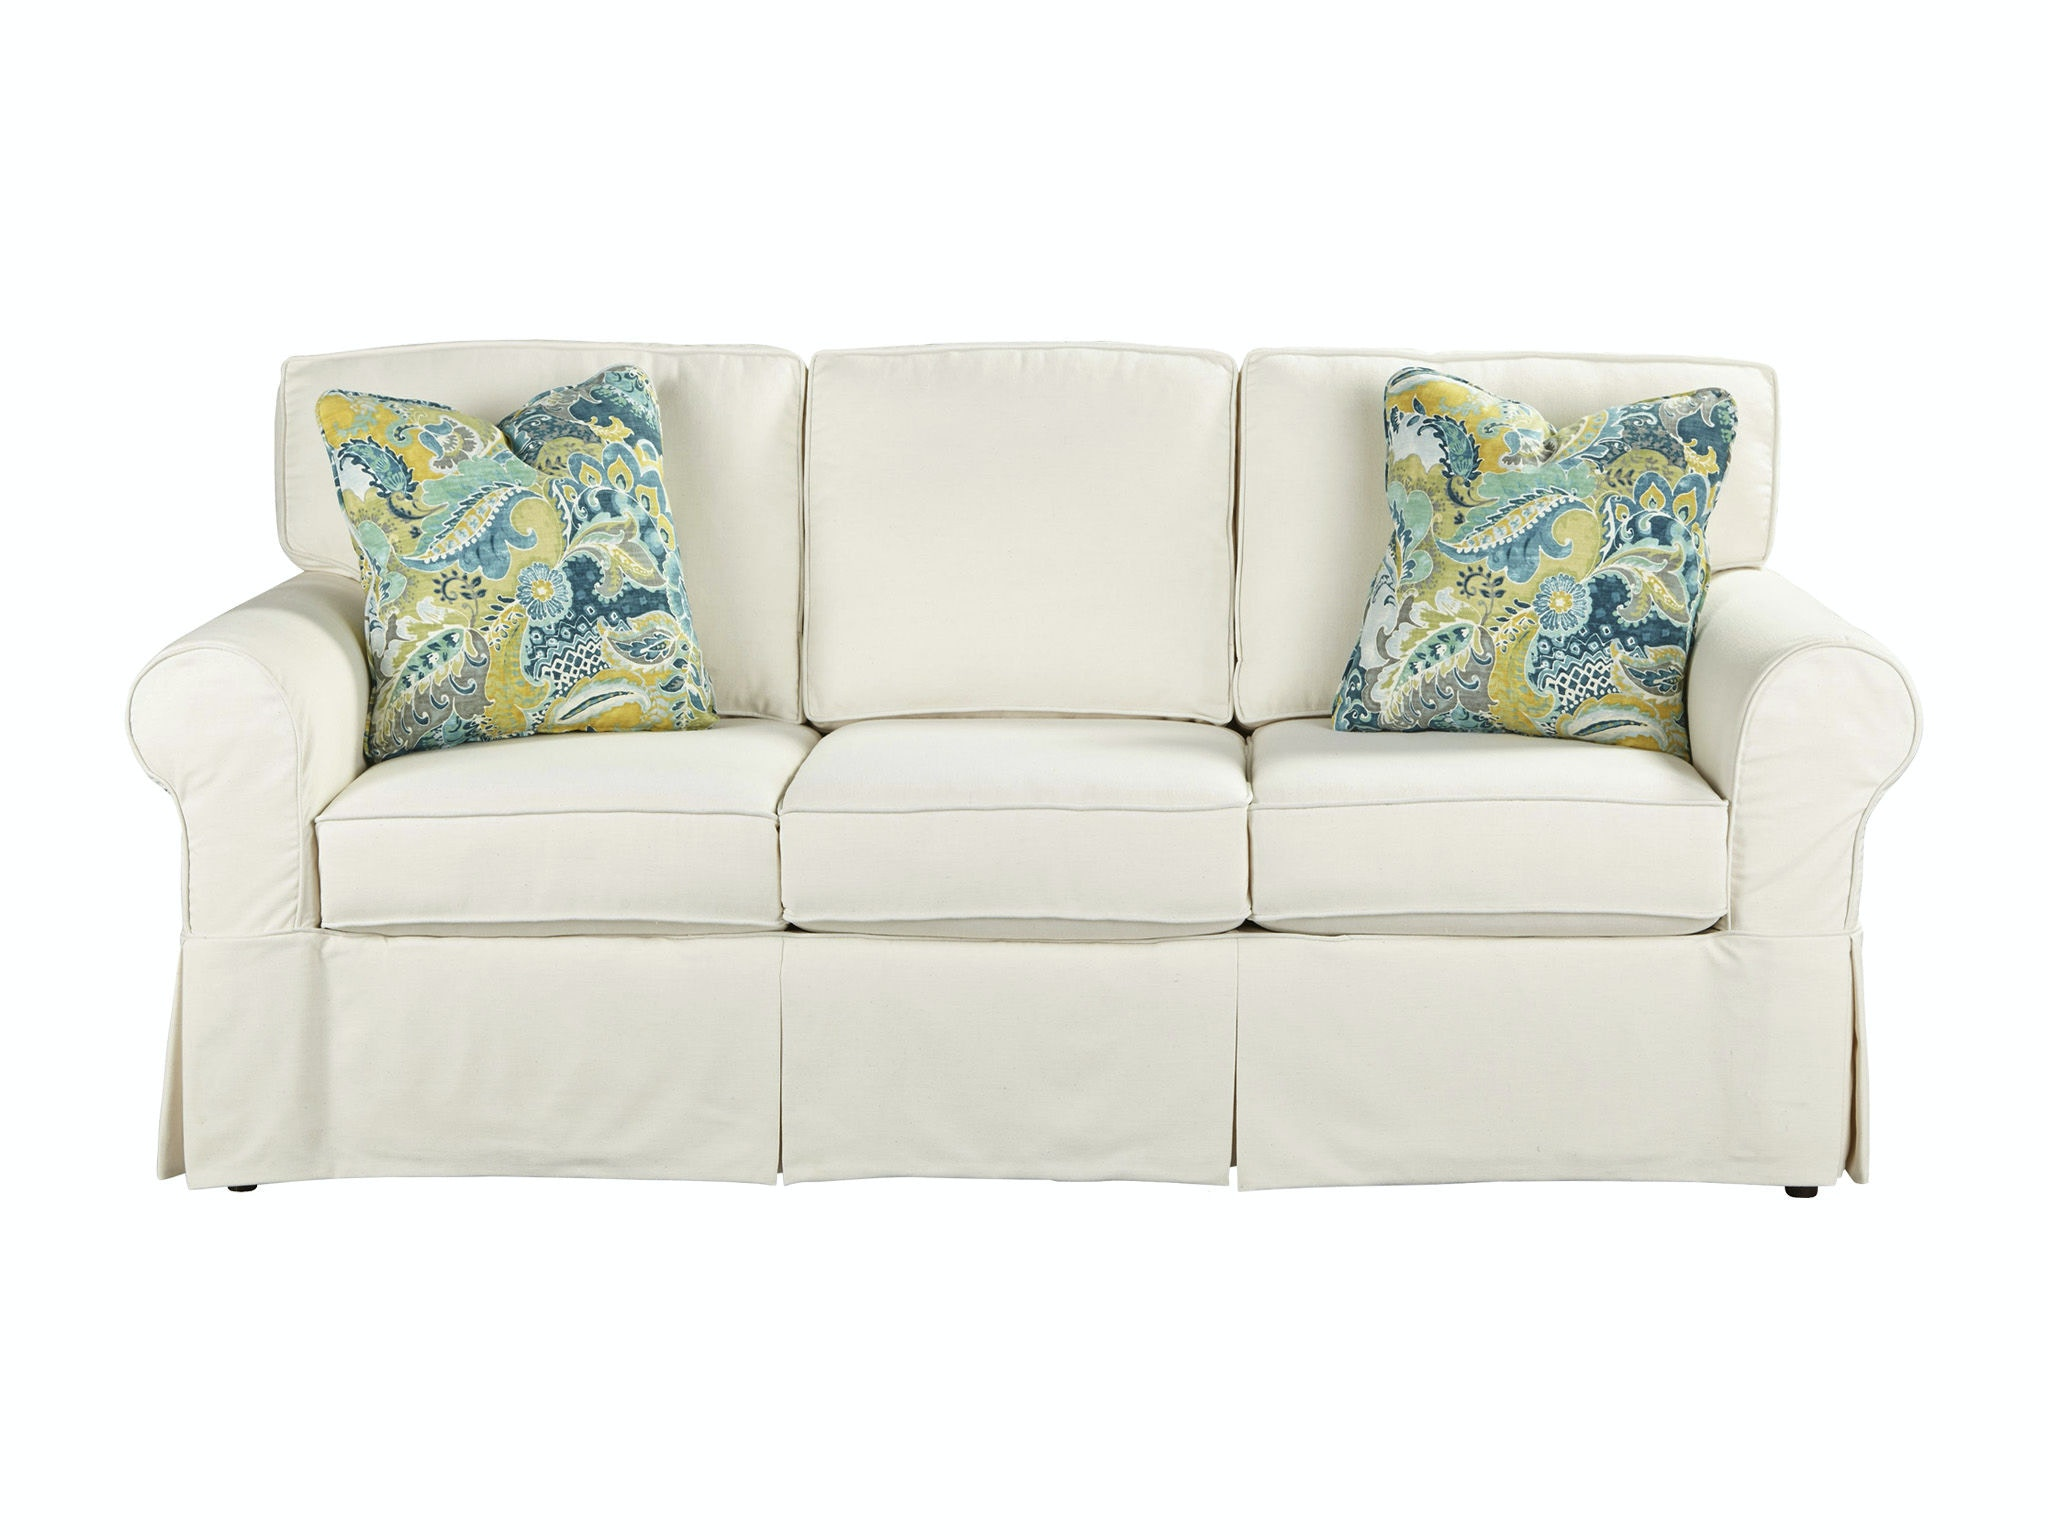 Craftmaster Sleeper Sofa 922950 68 Sleeper